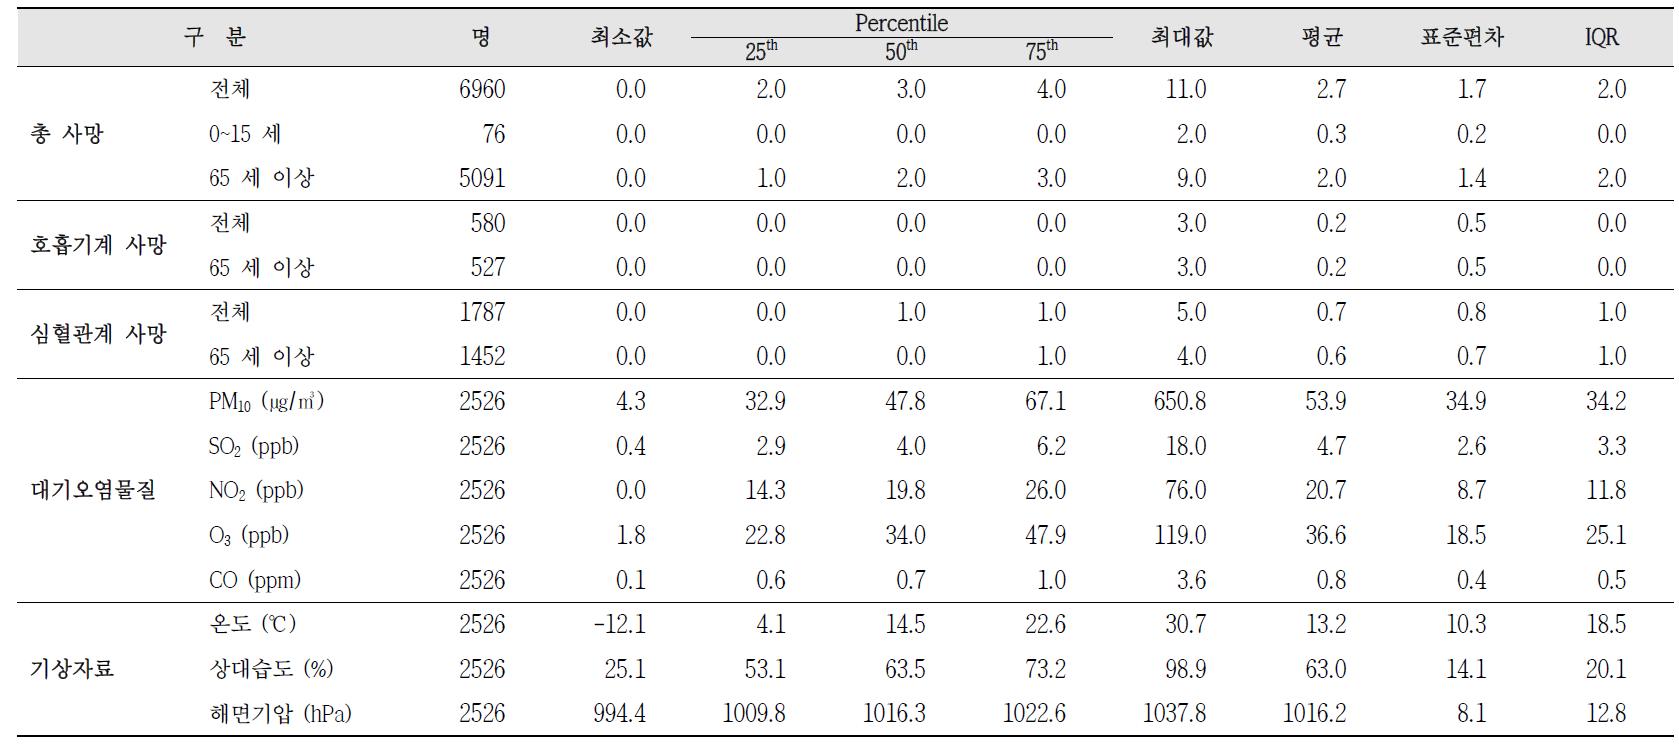 청주시 상당구 사망자수, 대기오염물질 농도, 기상데이터 기술통계(2005~2011년)